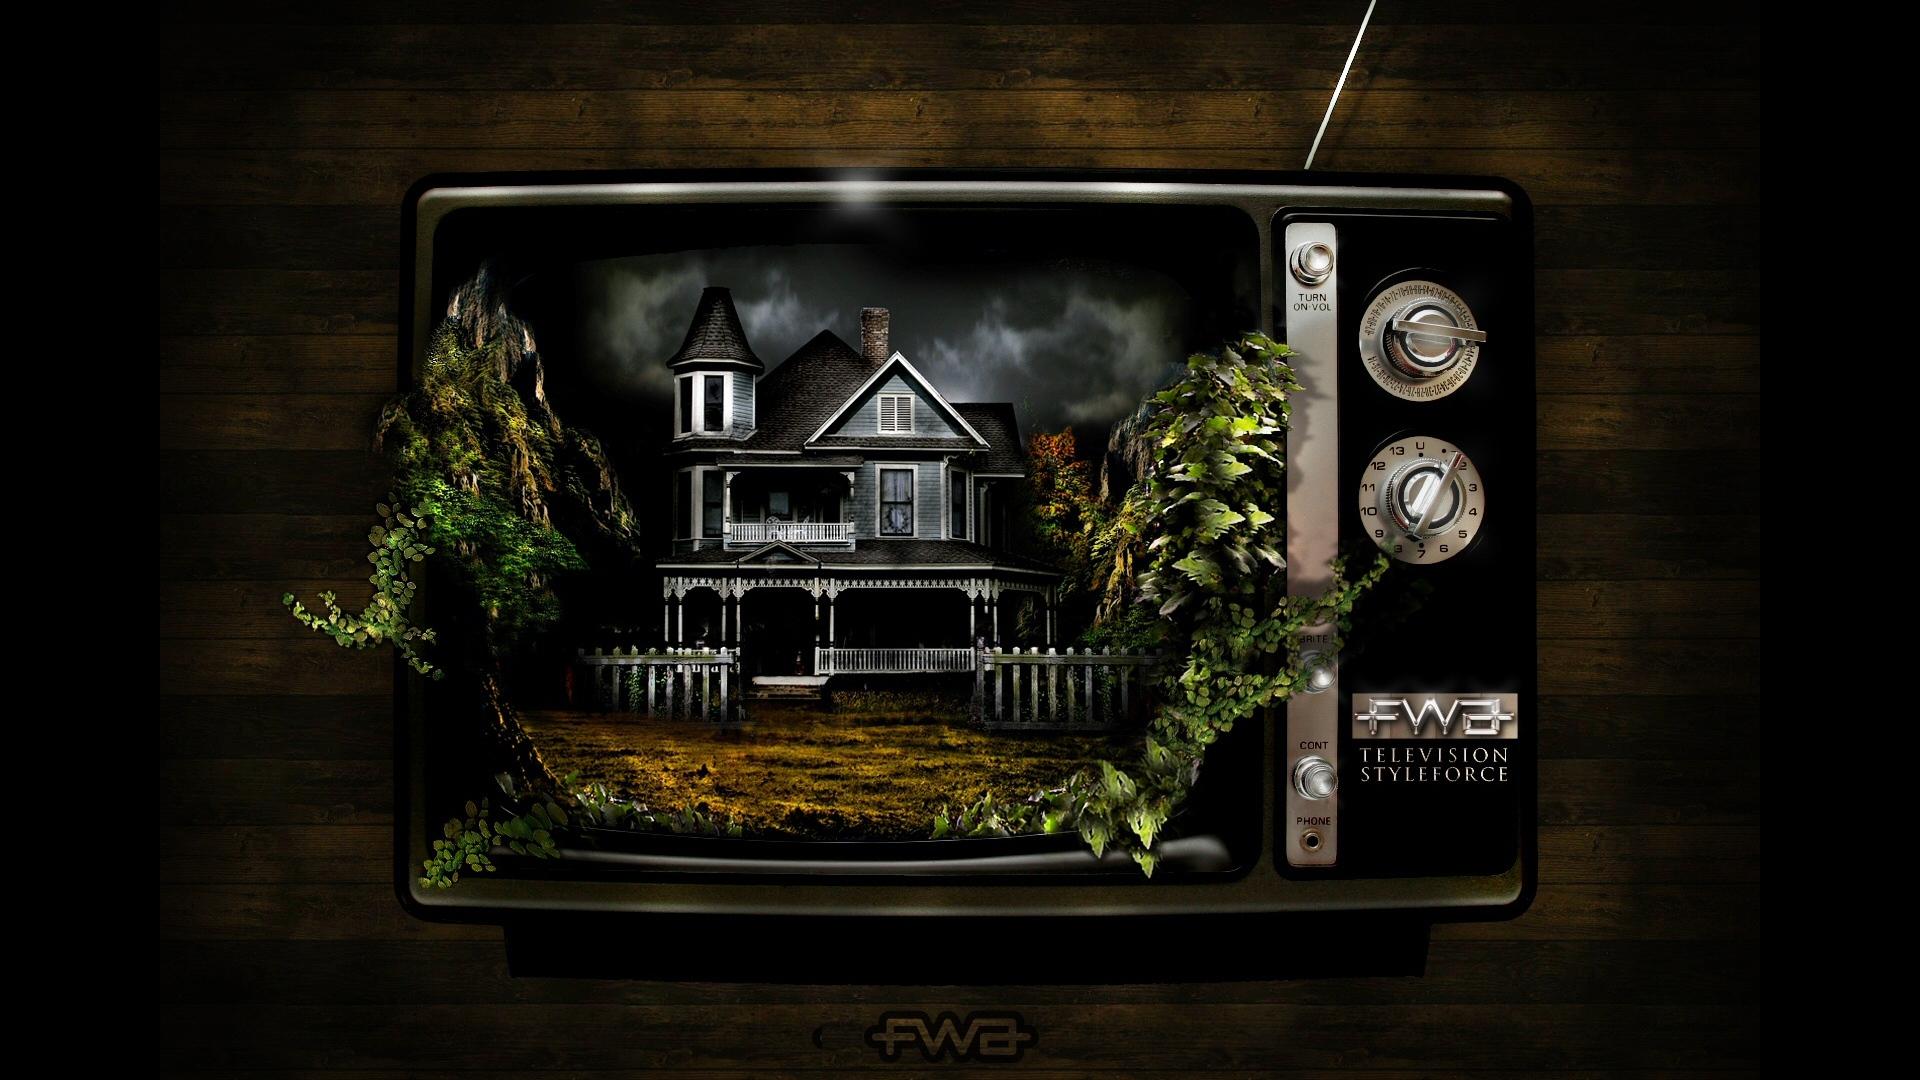 Download Wallpaper 1920x1080 Fwa Dark Television Figure Creative